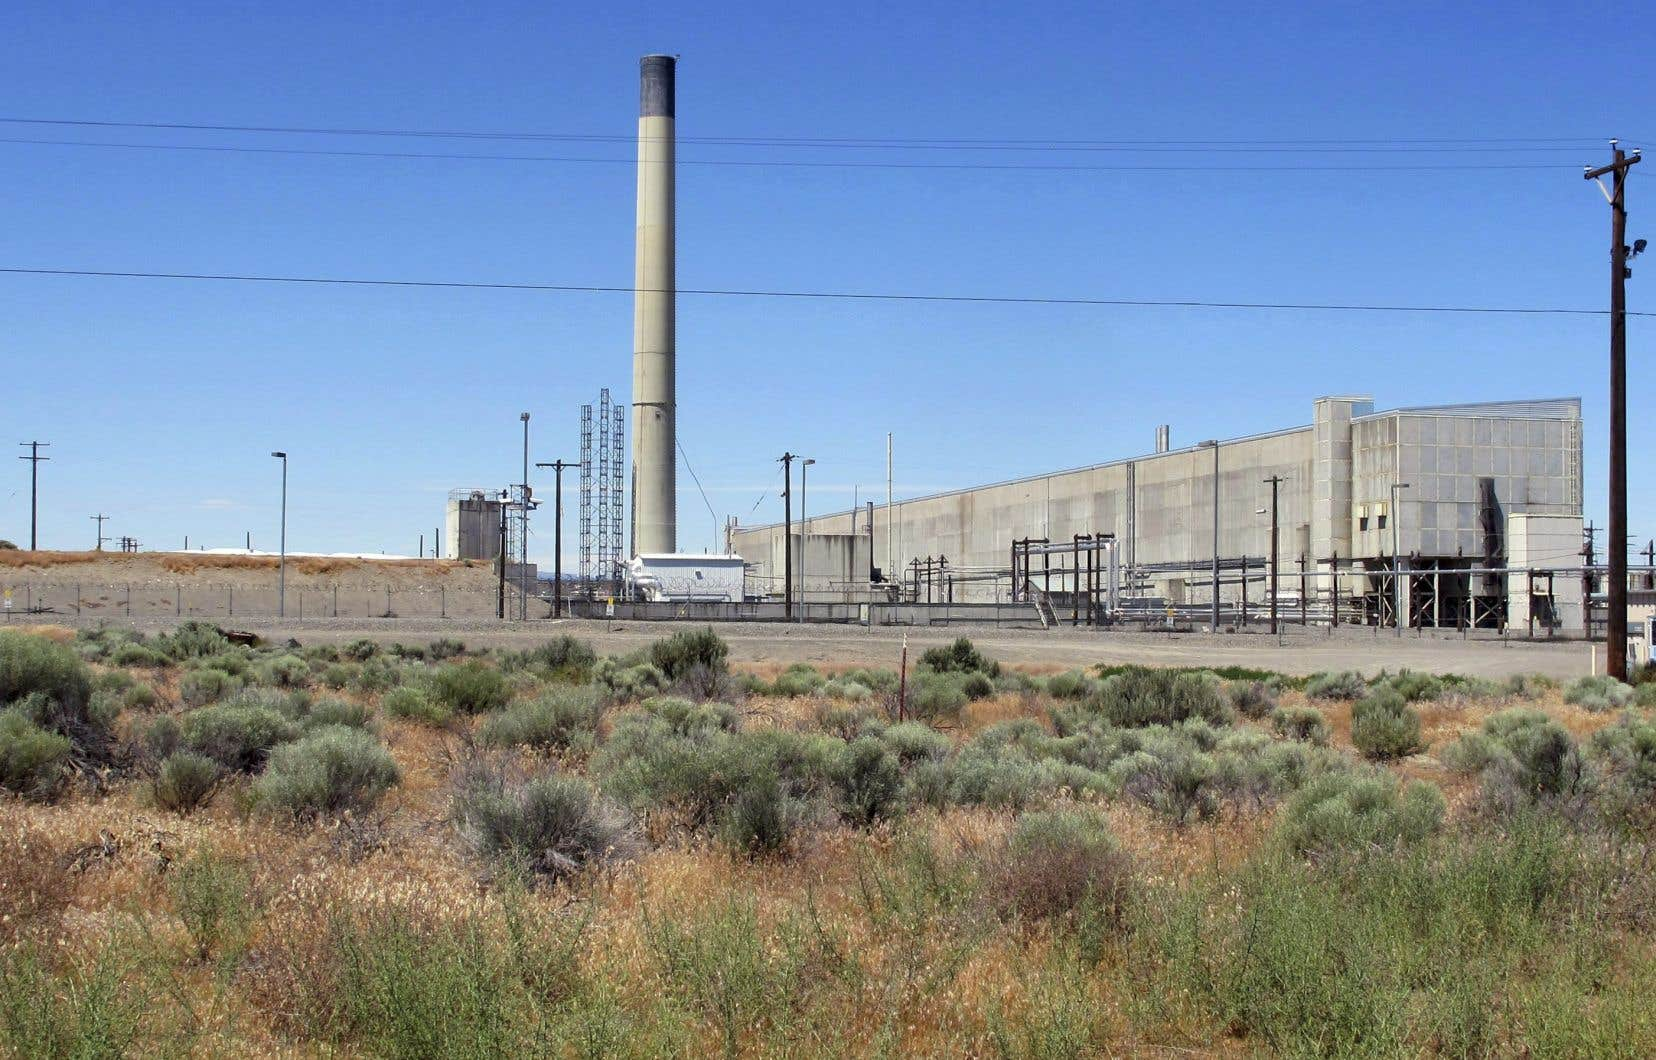 Une portion du complexe nucléaire de Hanford, dans l'État de Washington